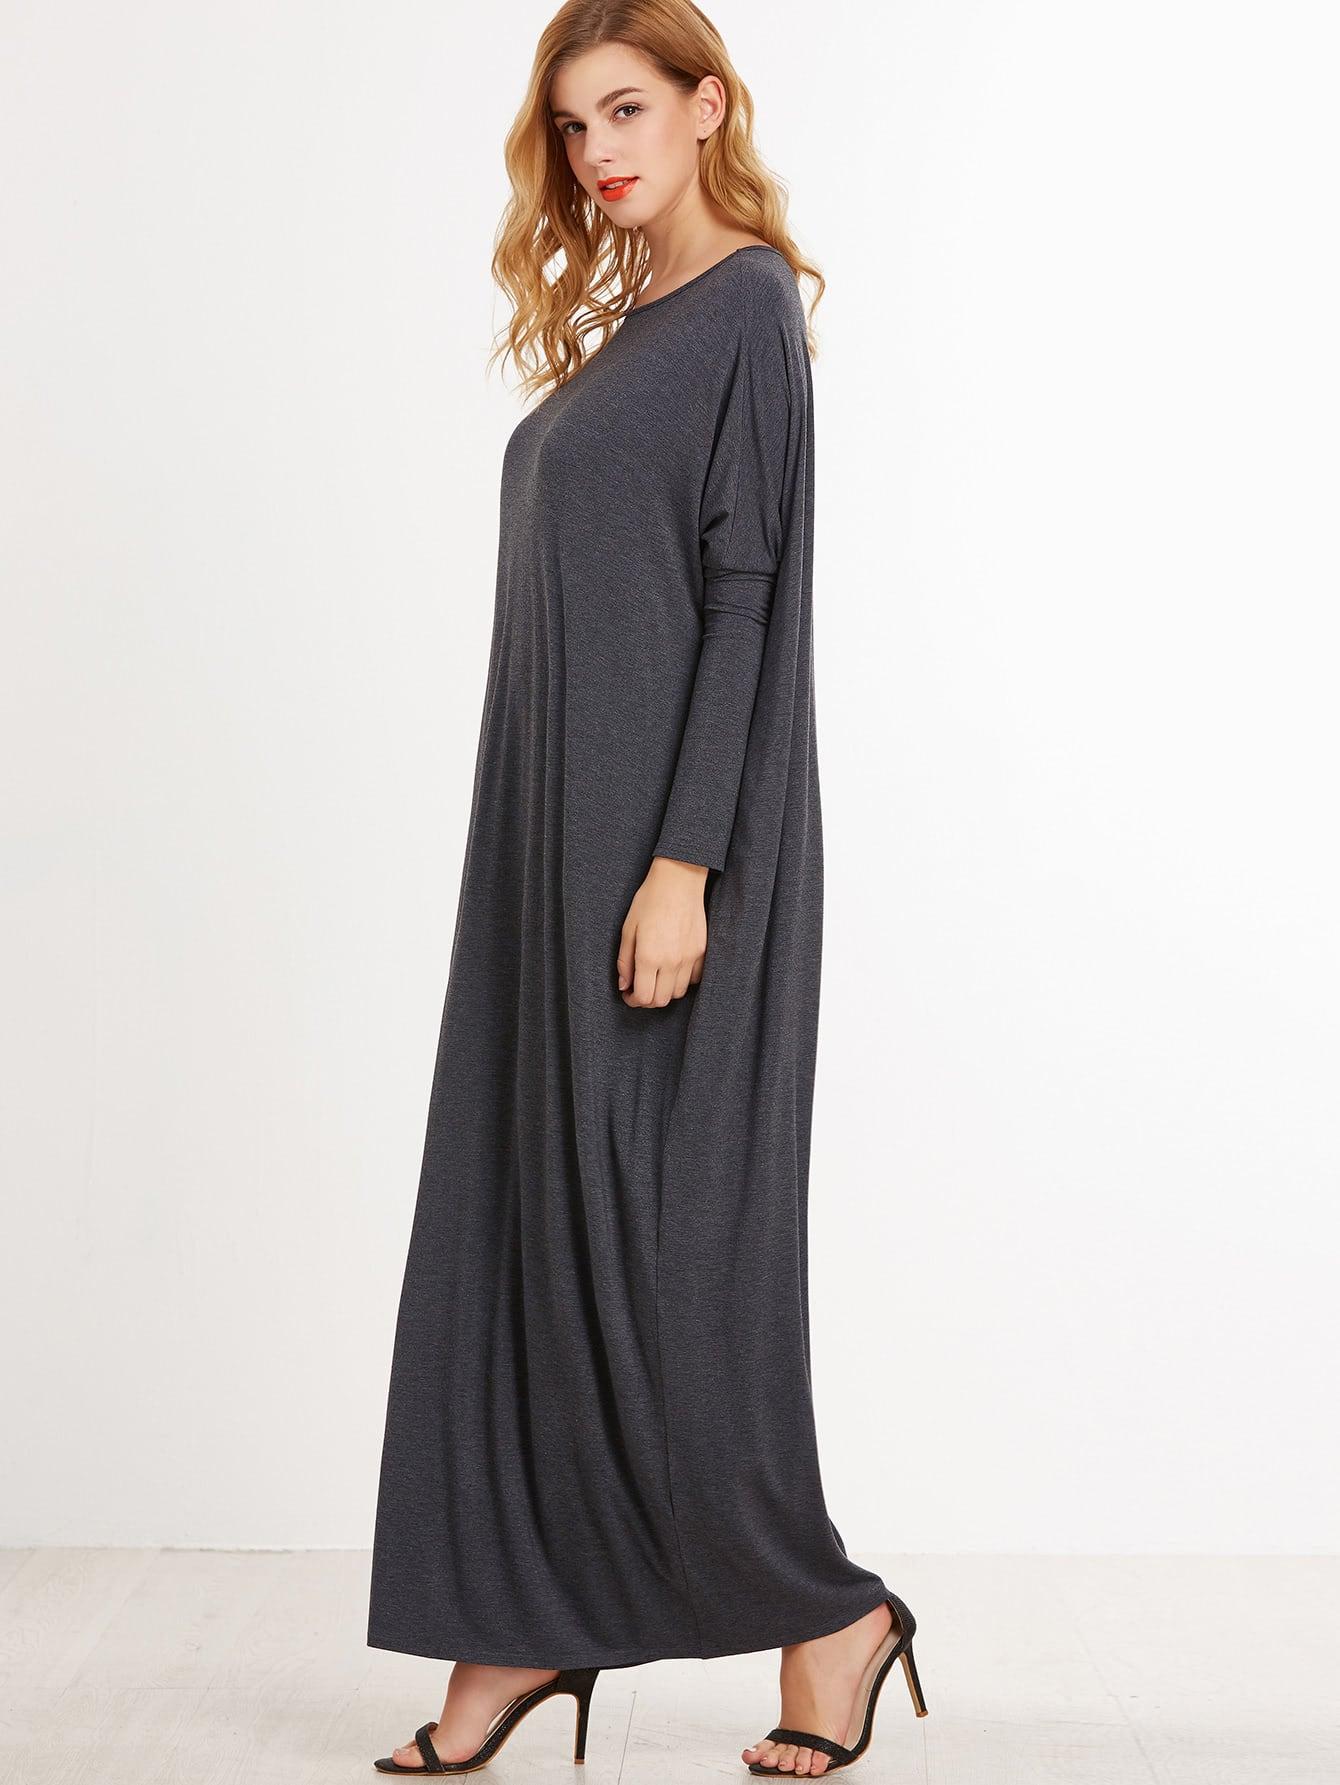 dress161123705_2